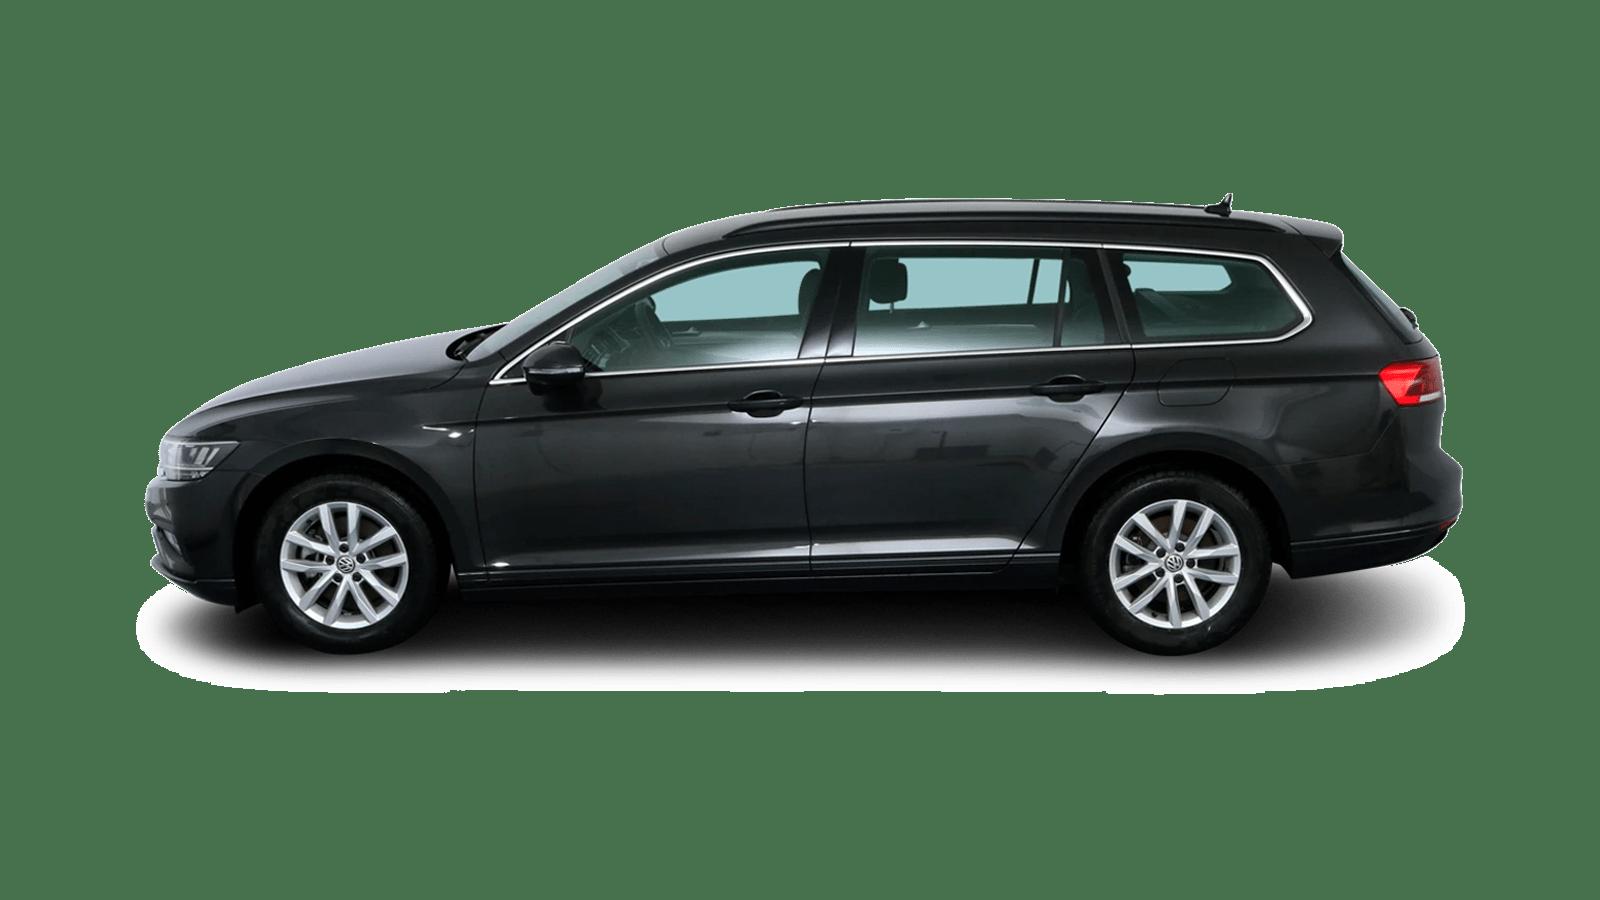 VW Passat Variant Grau rückansicht - Clyde Auto-Abo